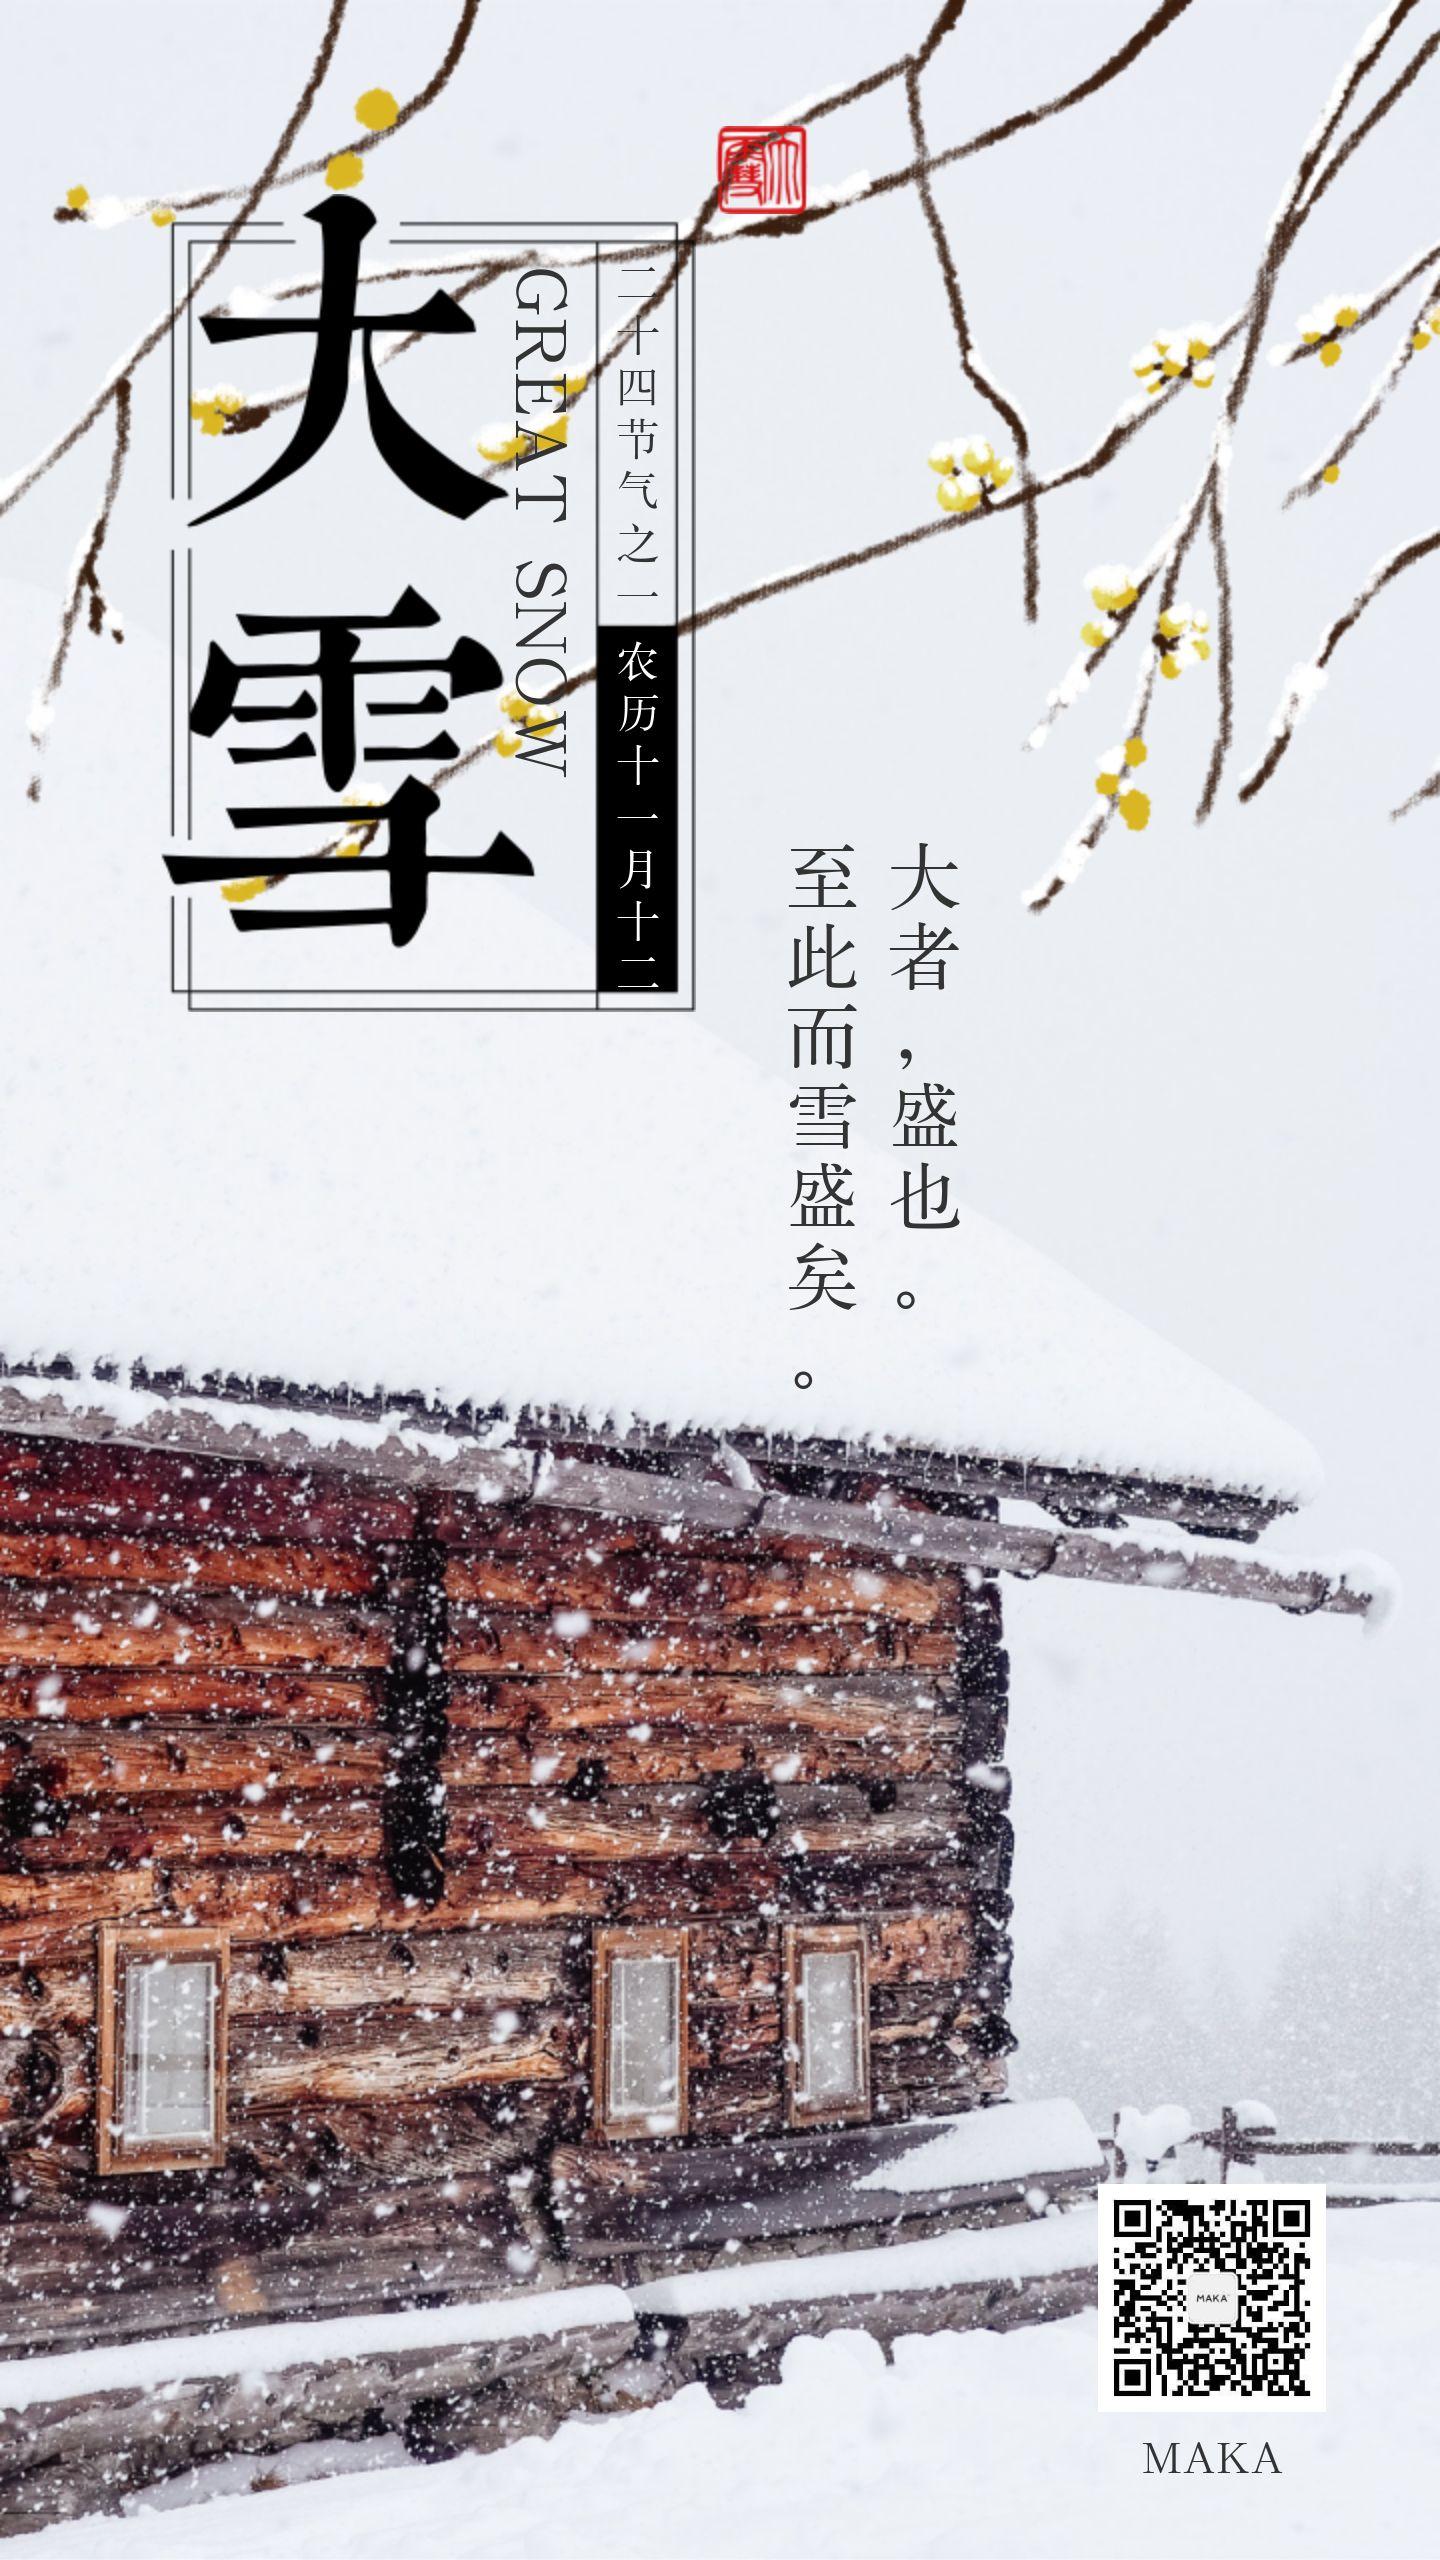 大雪节气2019白色简约大气企业宣传海报